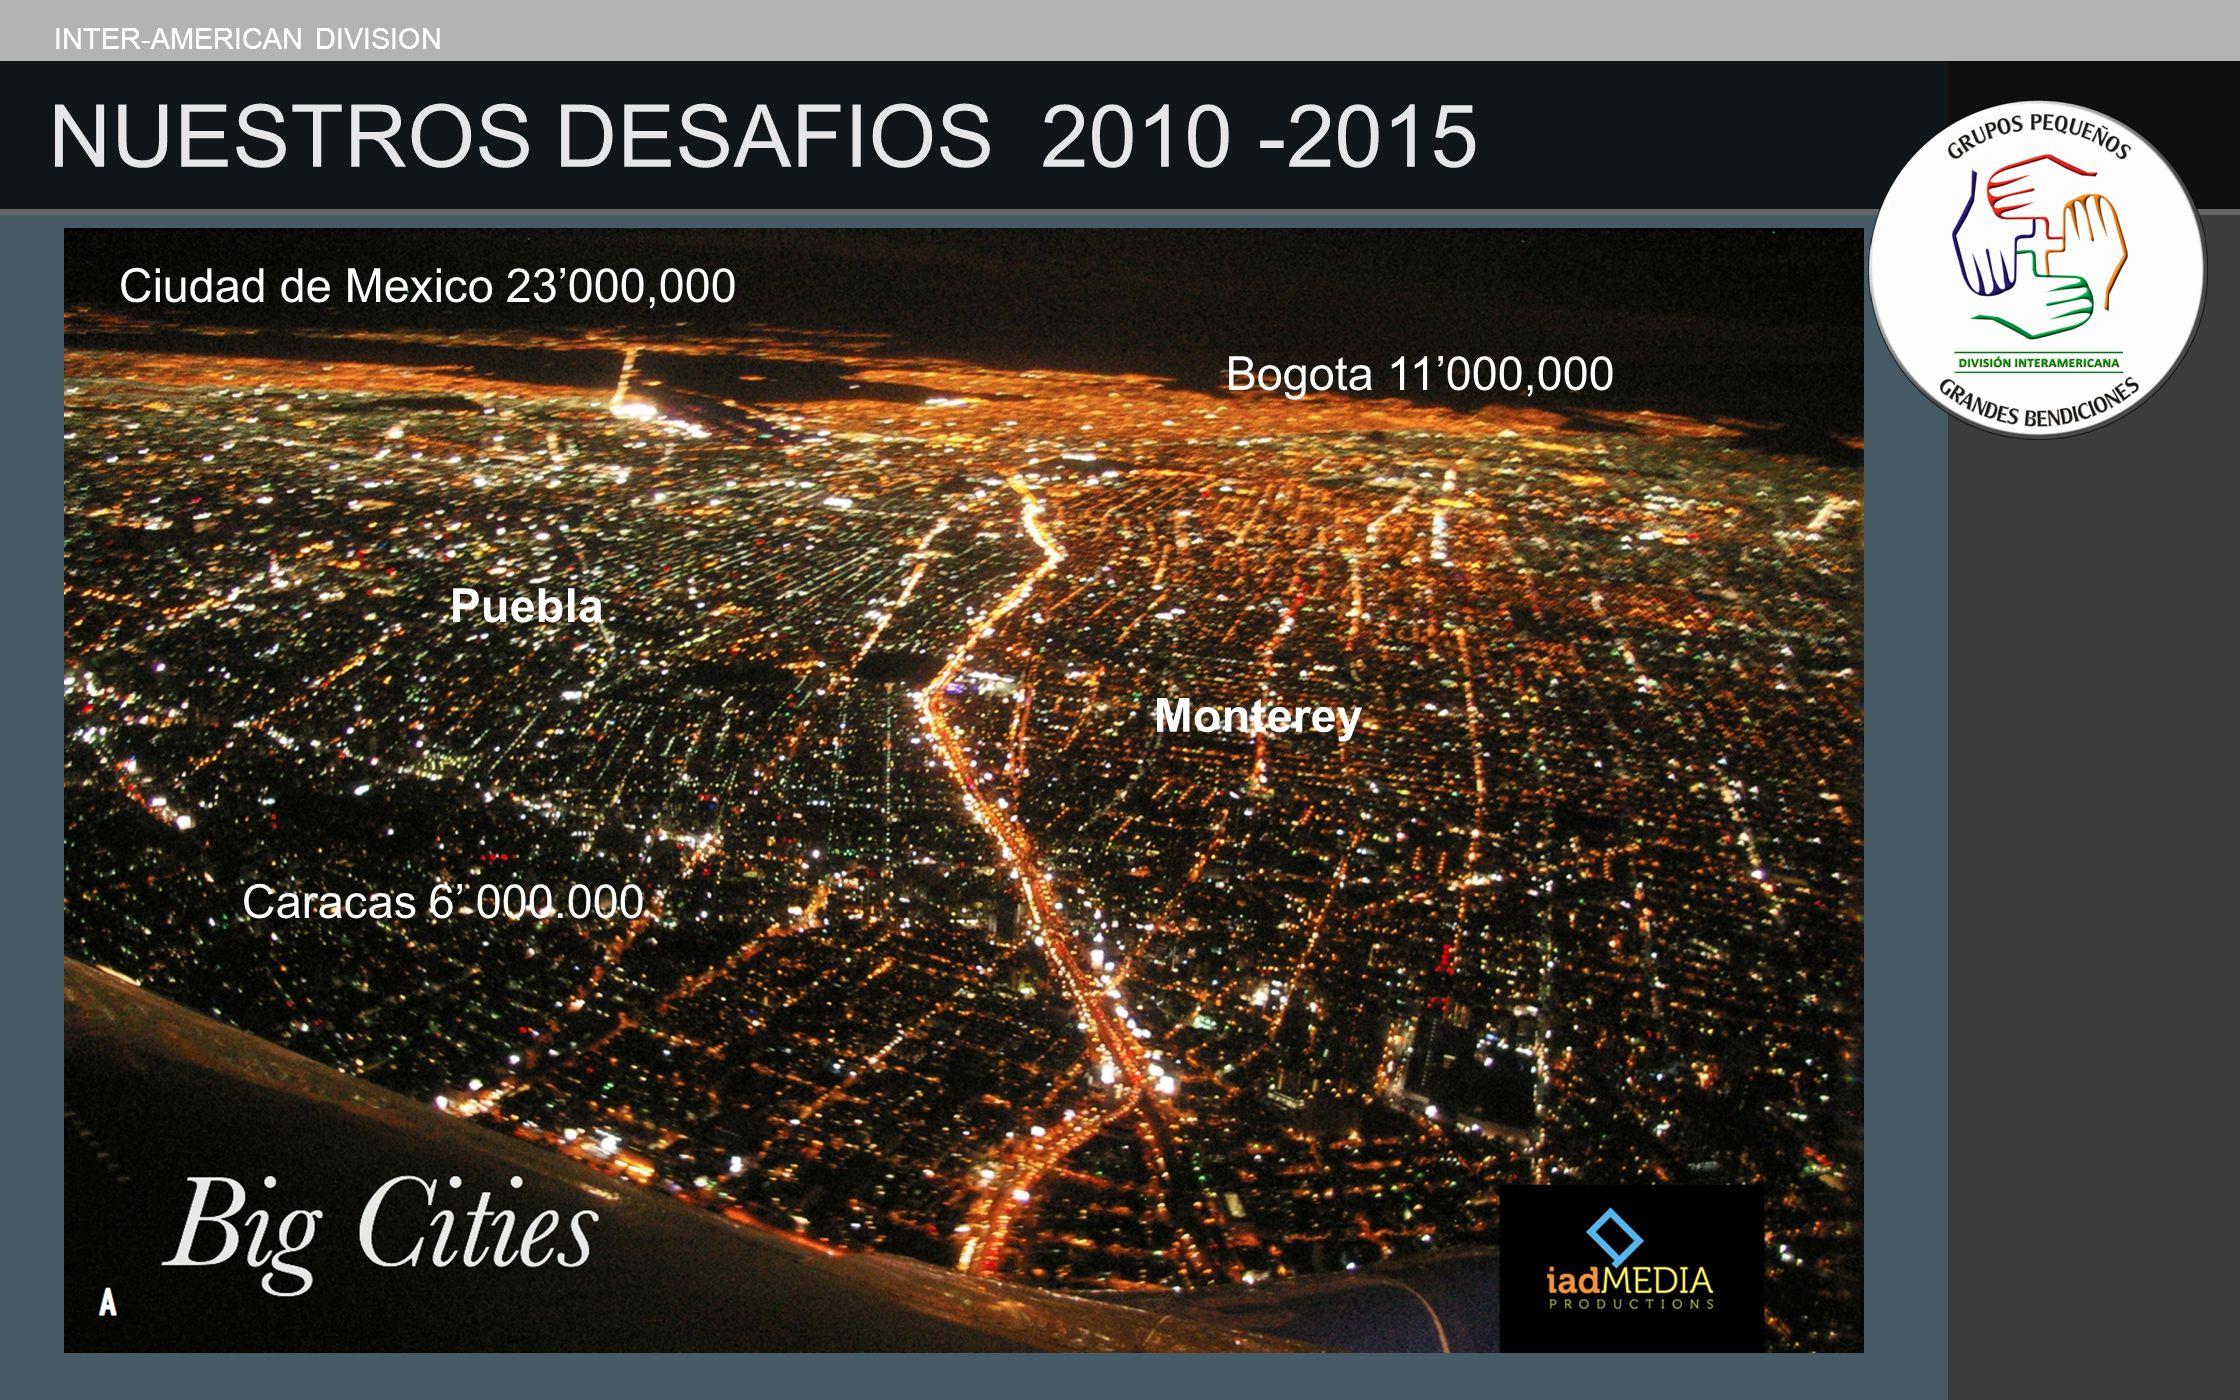 INTER-AMERICAN DIVISION NUESTROS DESAFIOS 2010 -2015 Ciudad de Mexico 23000,000 Bogota 11000,000 Caracas 6 000.000 Puebla Monterey